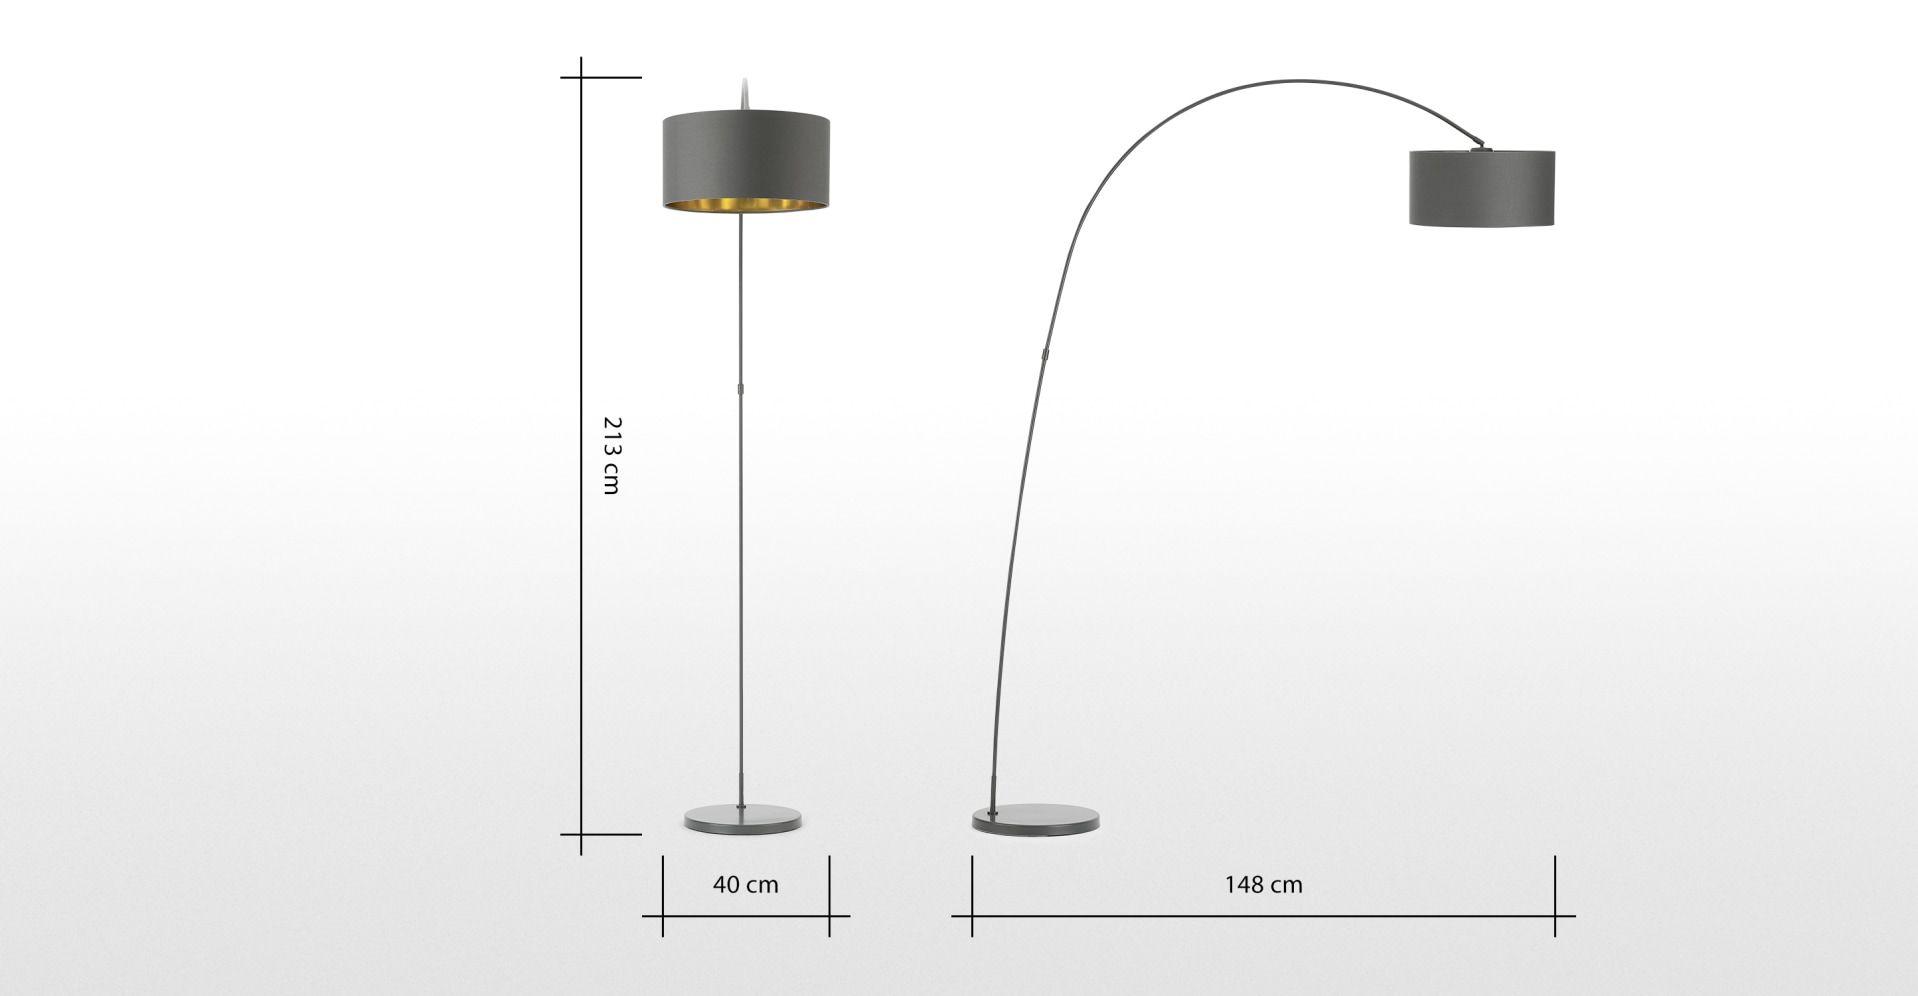 Made Stehlampe Grau In 2020 Stehlampe Stehlampe Grau Und Lampen